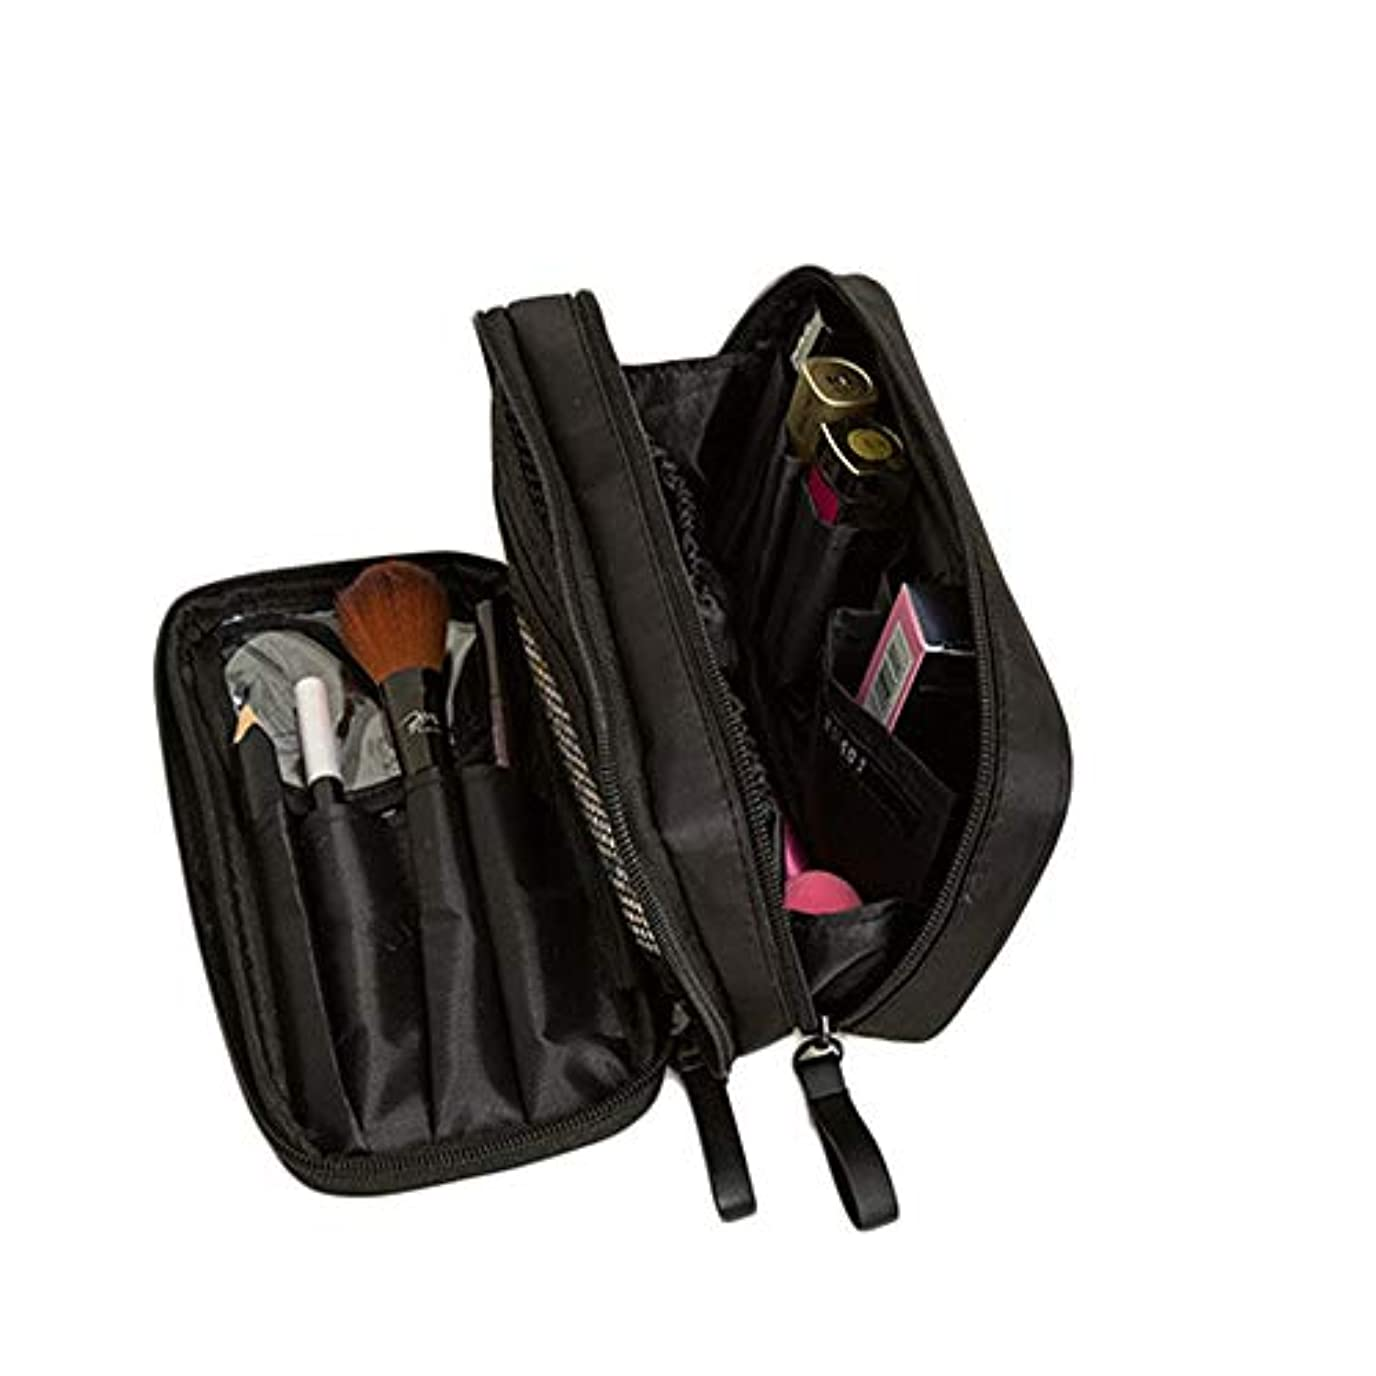 特大スペース収納ビューティーボックス 携帯用化粧品袋、専門の化粧品袋の札入れの旅行者の密集した二重層化粧品/化粧品のブラシ袋の女性、旅行/電車セットの貯蔵袋。 化粧品化粧台 (色 : ブラック)